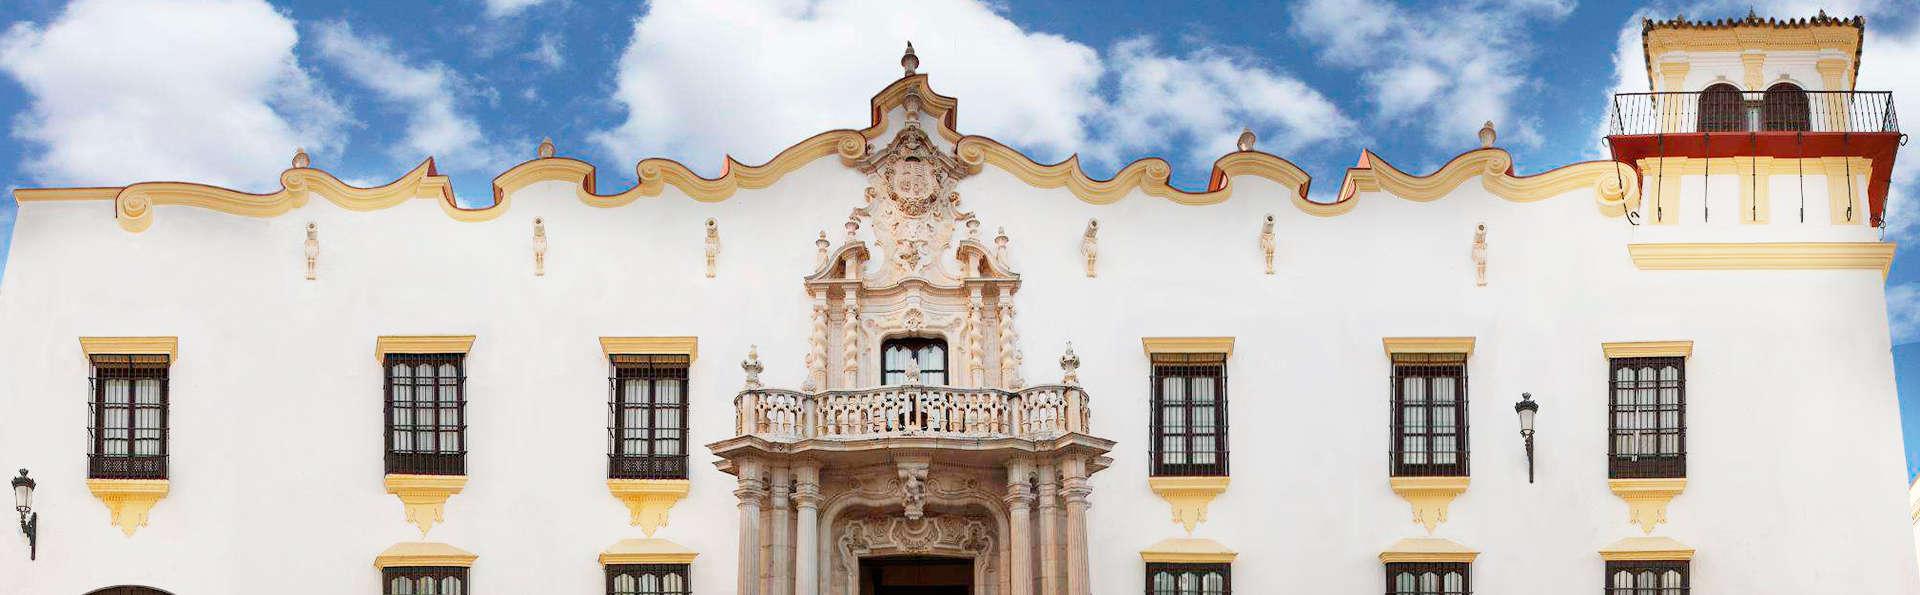 Hotel Palacio Marques de la Gomera  - edit_608381_2048_1365_FSImage_1_NUEVA27.jpg